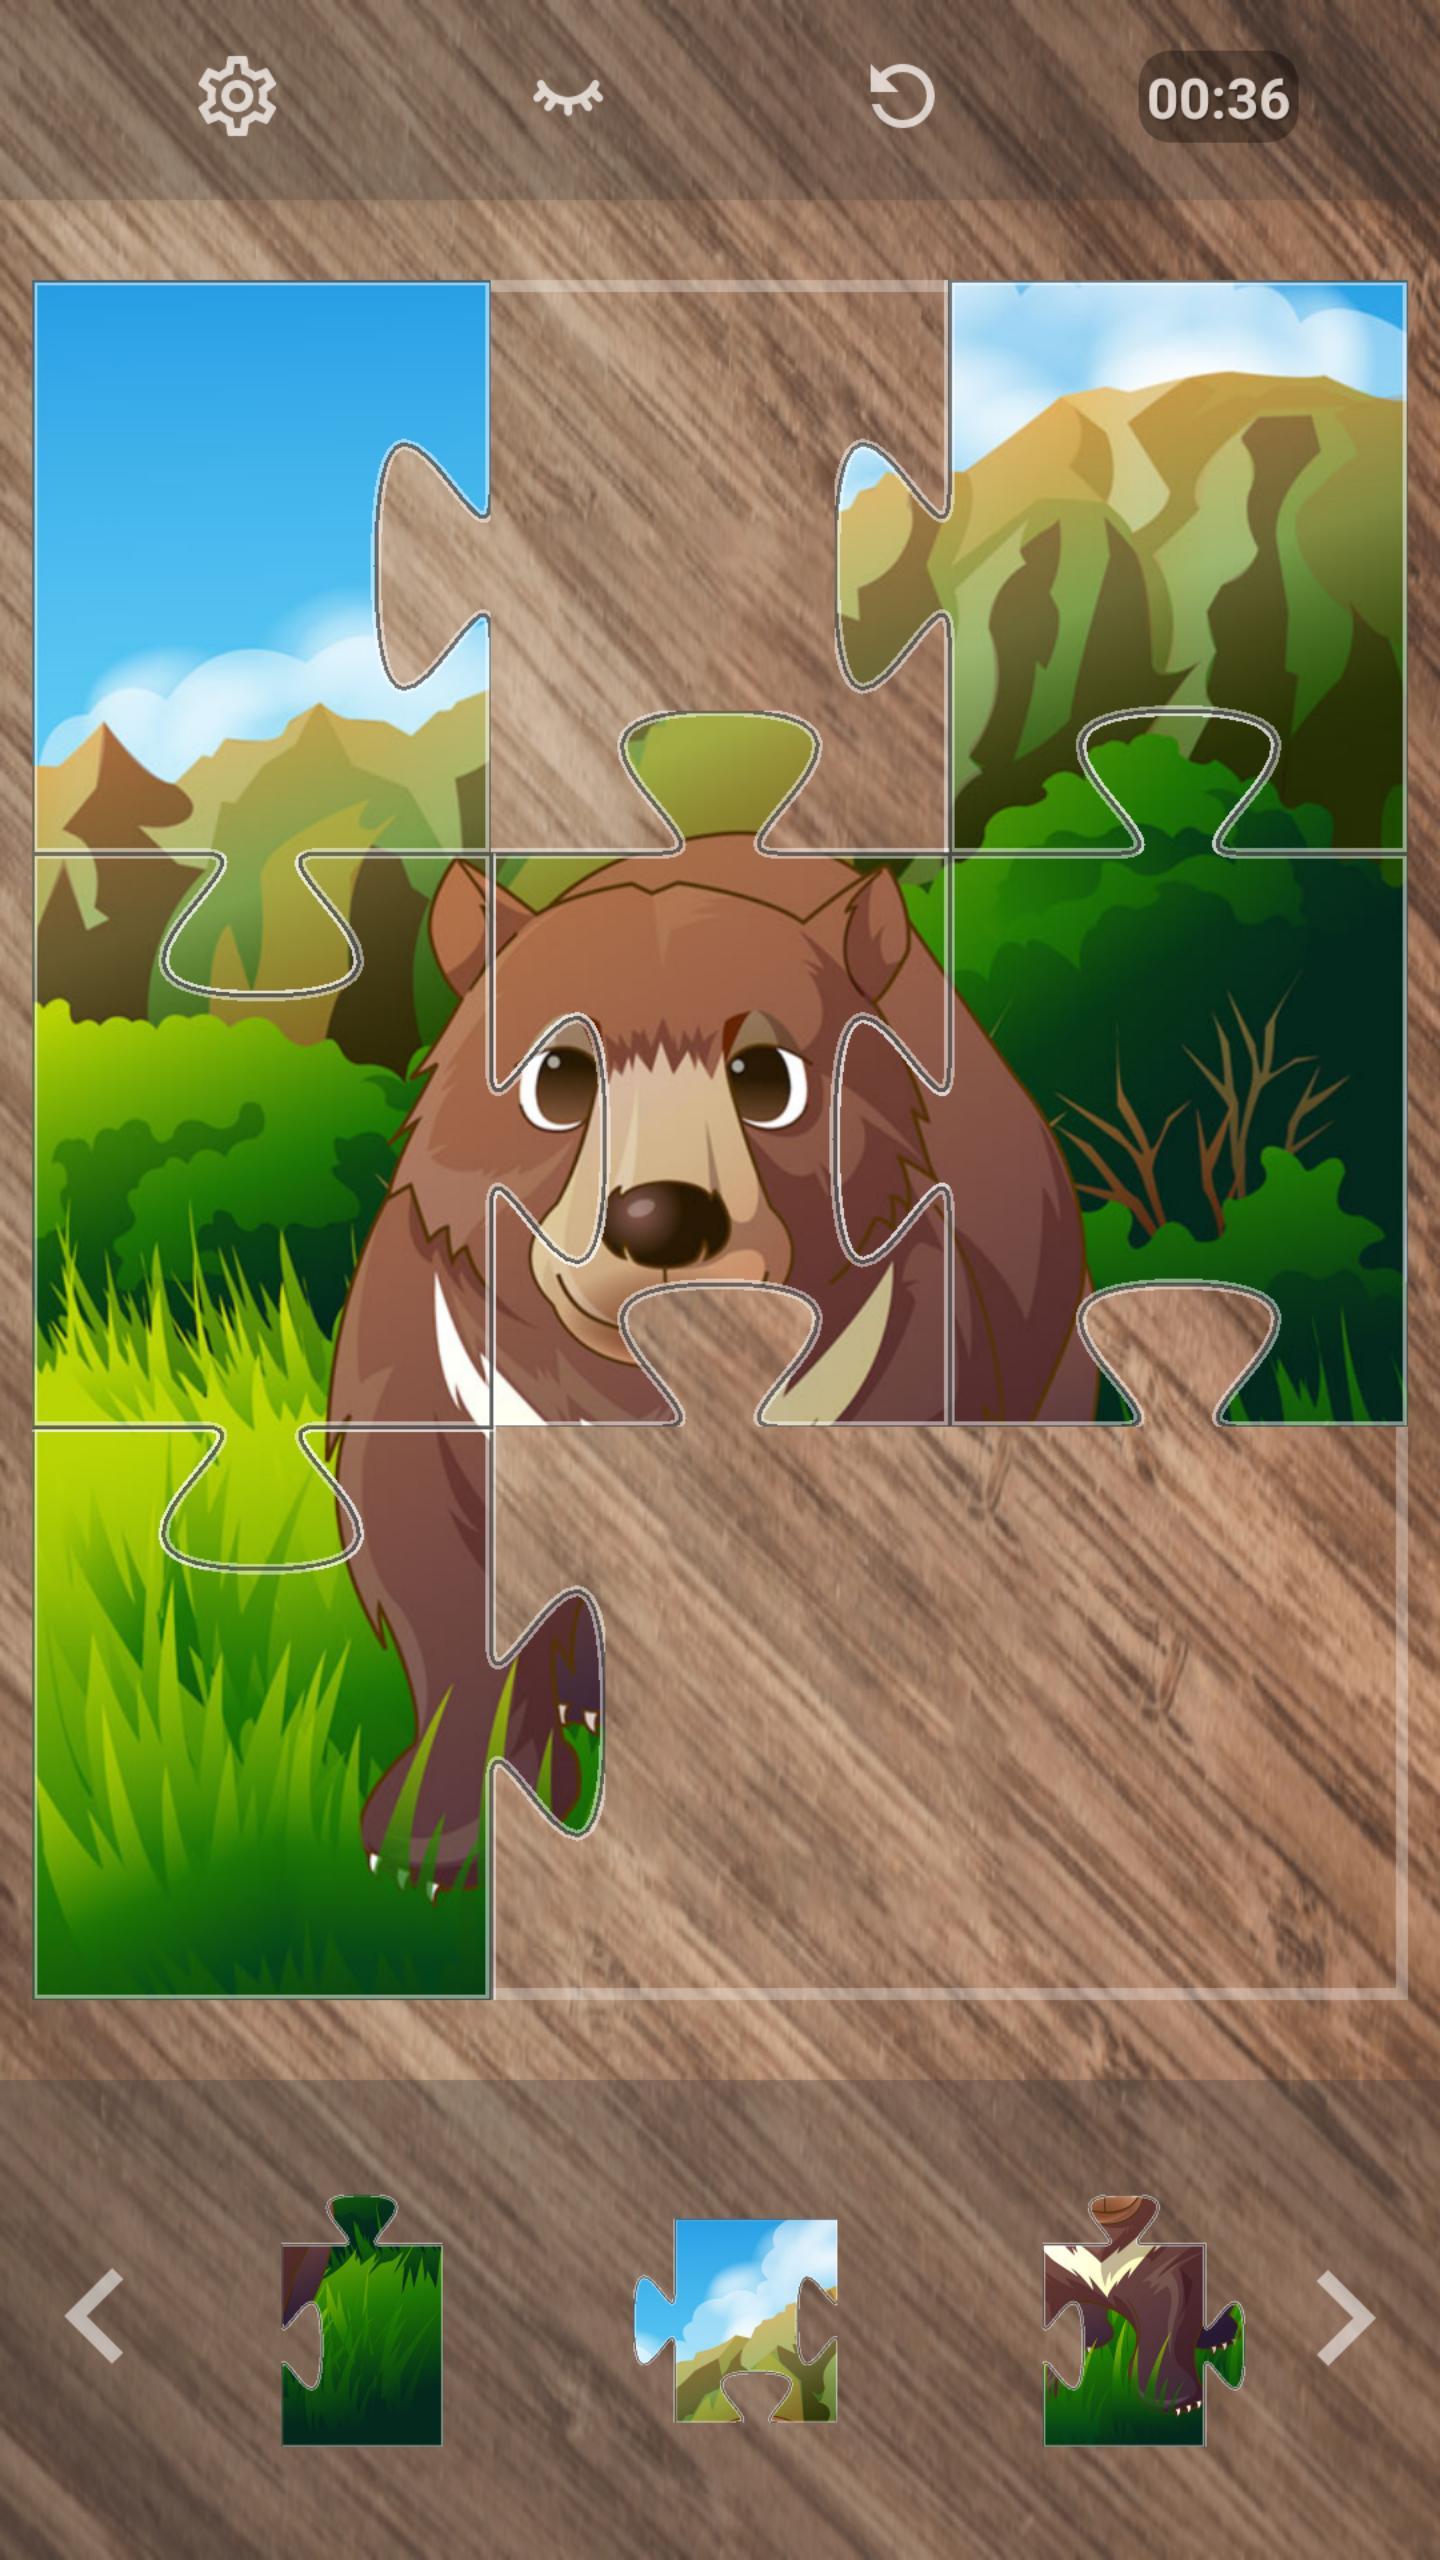 Jeux De Puzzle D'animaux Gratuit Pour Android - Téléchargez pour Jeux D Animaux Gratuit